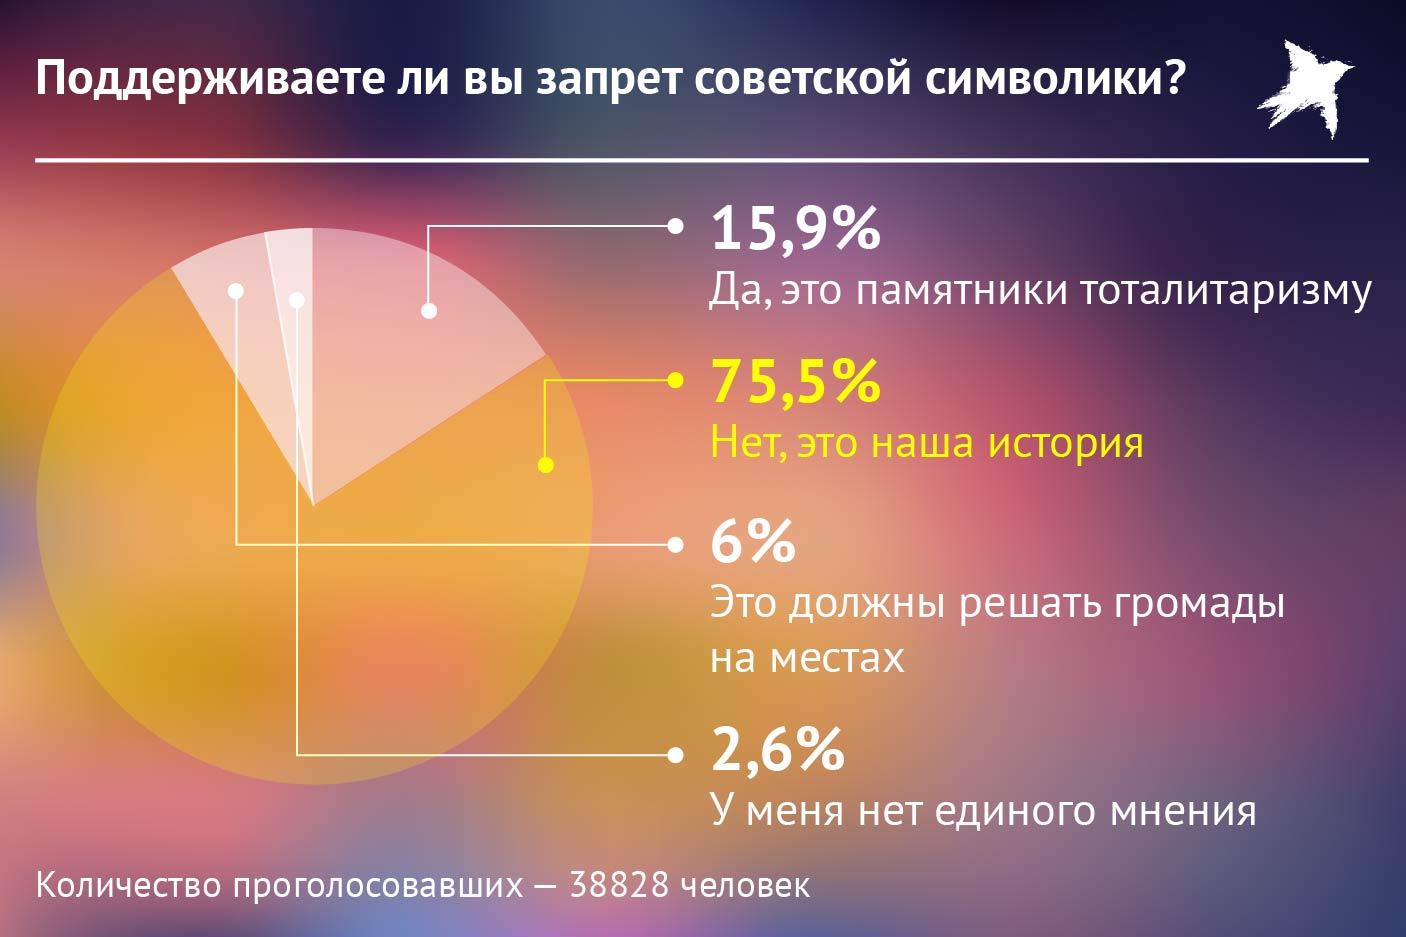 Опрос о запрете советской символики. Фото: Наиль ВАЛИУЛИН